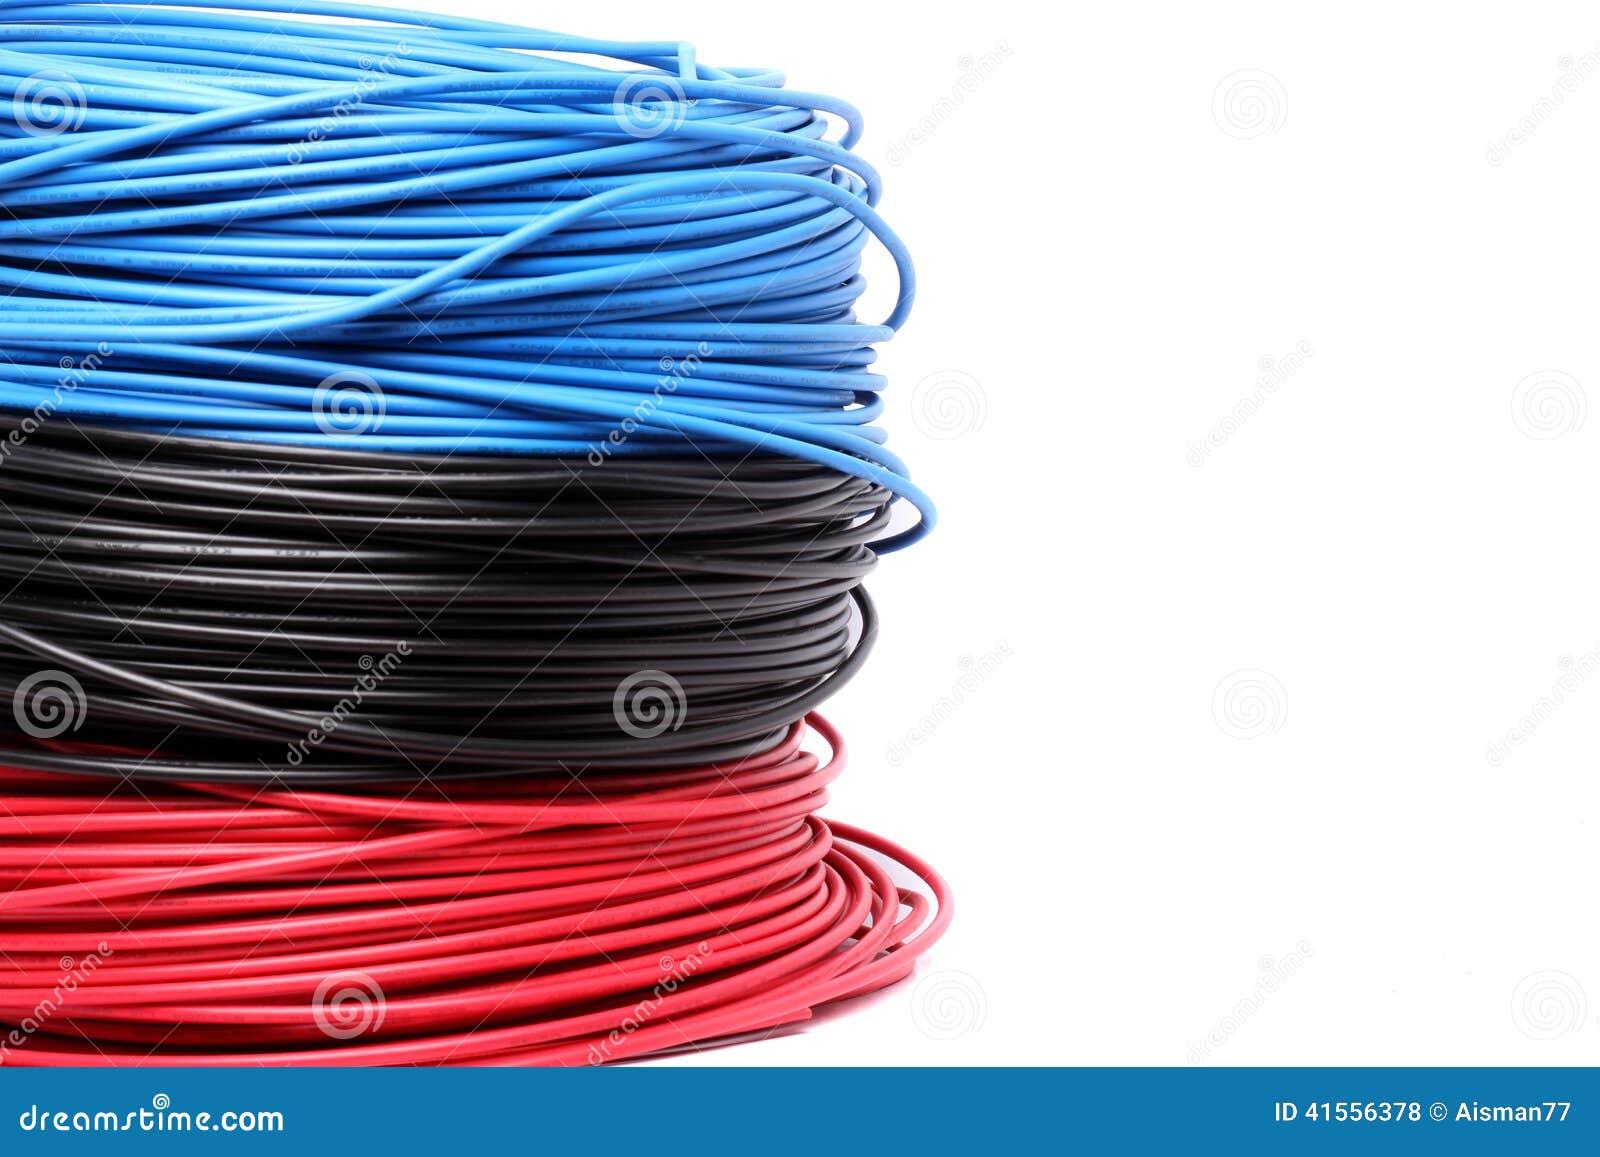 五颜六色的电缆